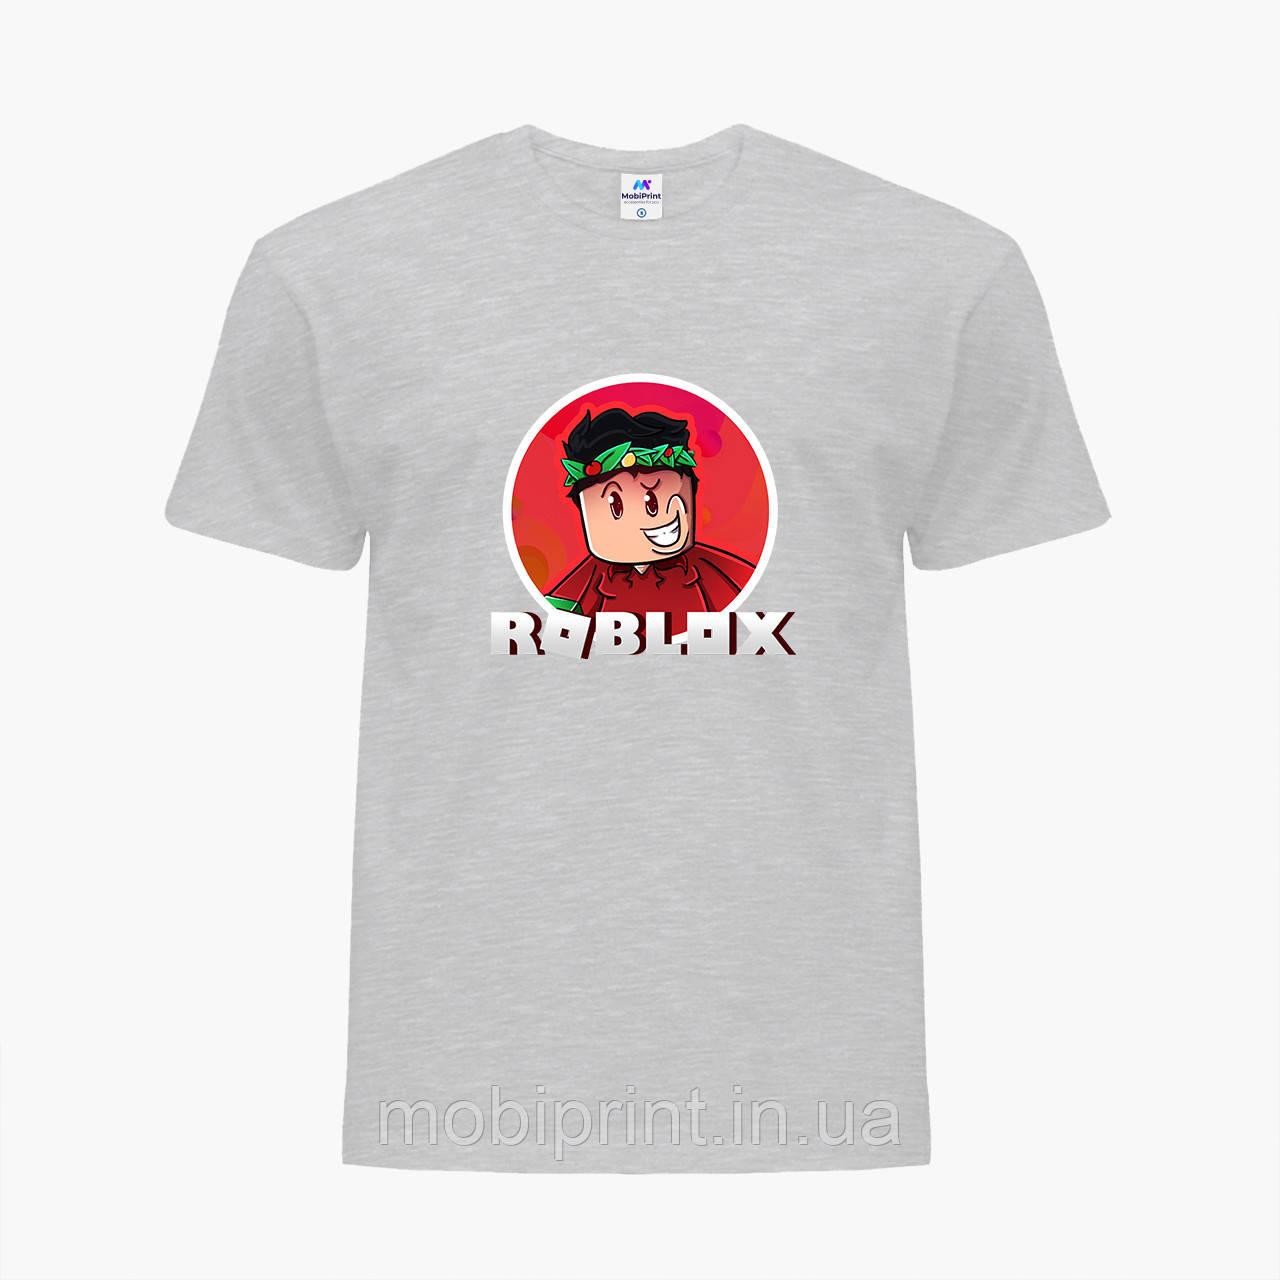 Детская футболка для мальчиков Роблокс (Roblox) (25186-1225) Светло-серый